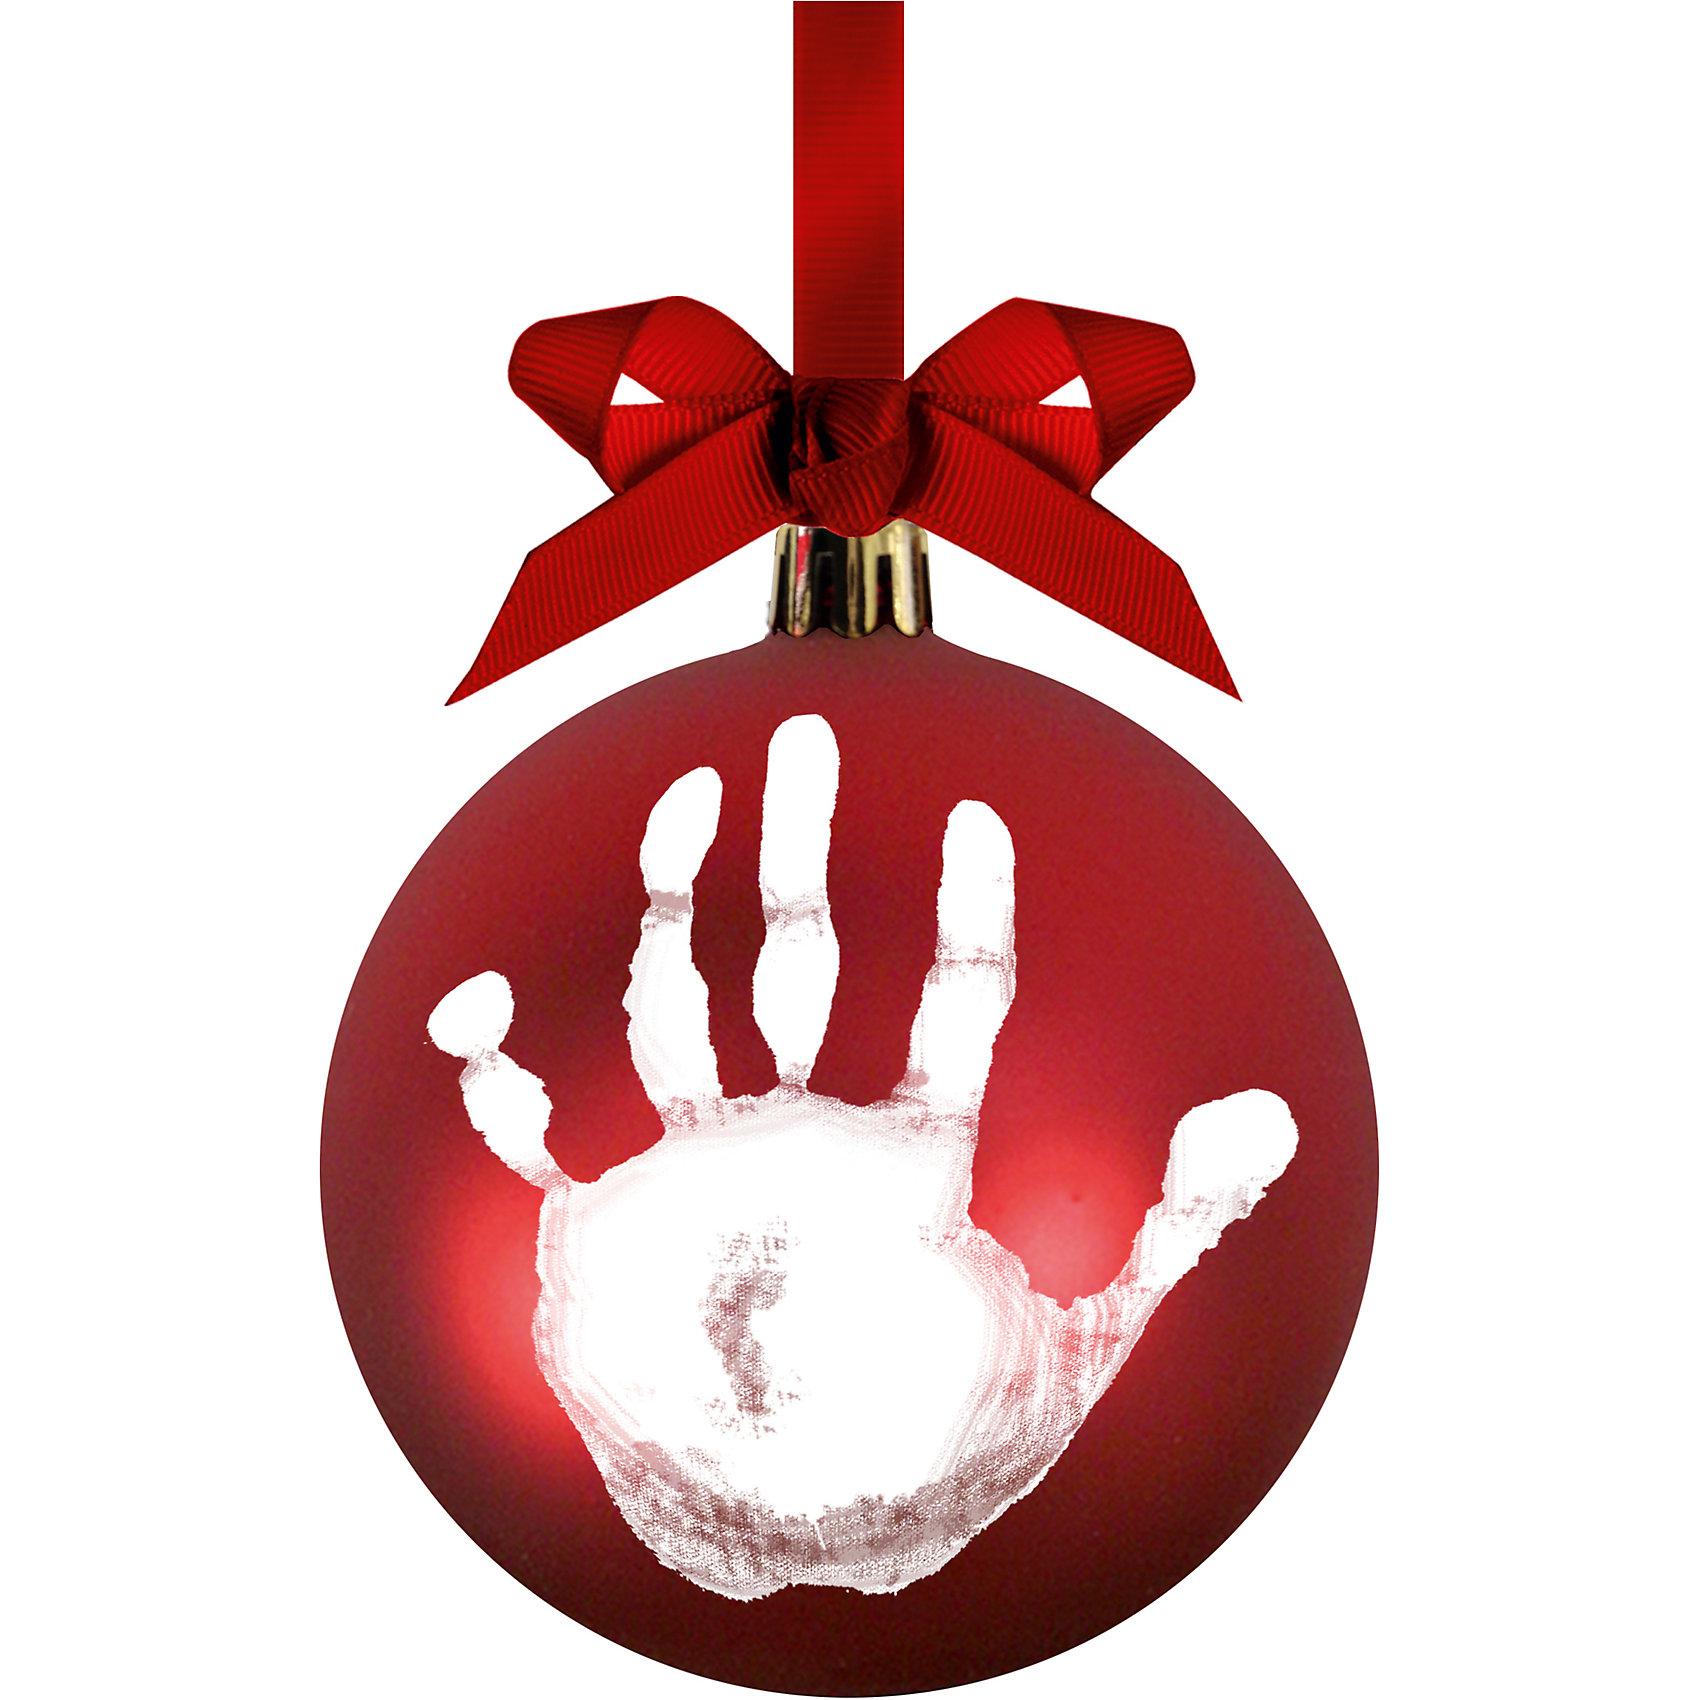 Подарок на ленточке Шар на елку, PearheadПредметы интерьера<br>Характеристики:<br><br>• Пол: универсальный<br>• Цвет: белый, красный<br>• Материал: чернила для оттиска, пластик, сатин<br>• Комплектация: шар, сатиновая лента, краска, инструкция<br>• Форма: шар<br>• Вес: 200 г <br>• Особенности ухода: допускается сухая чистка<br><br>Подарок на ленточке Шар на елку, Pearhead от американского торгового бренда, который специализируется на создании подарочных наборов для новорожденных и их родителей. Инновационные технологии, которые используются при создании наборов для изготовления оттисков являются безопасными и не вызывают аллергии. Разработанная специальным образом краска ровно наносится на руку и легко смывается. В набор входят необходимые материалы и инструменты для создания елочного шара с отпечатком. В комплекте предусмотрена красная сатиновая лента.<br><br>Подарок на ленточке Шар на елку, Pearhead можно купить в нашем интернет-магазине.<br><br>Ширина мм: 100<br>Глубина мм: 100<br>Высота мм: 100<br>Вес г: 150<br>Возраст от месяцев: 0<br>Возраст до месяцев: 84<br>Пол: Унисекс<br>Возраст: Детский<br>SKU: 5482442